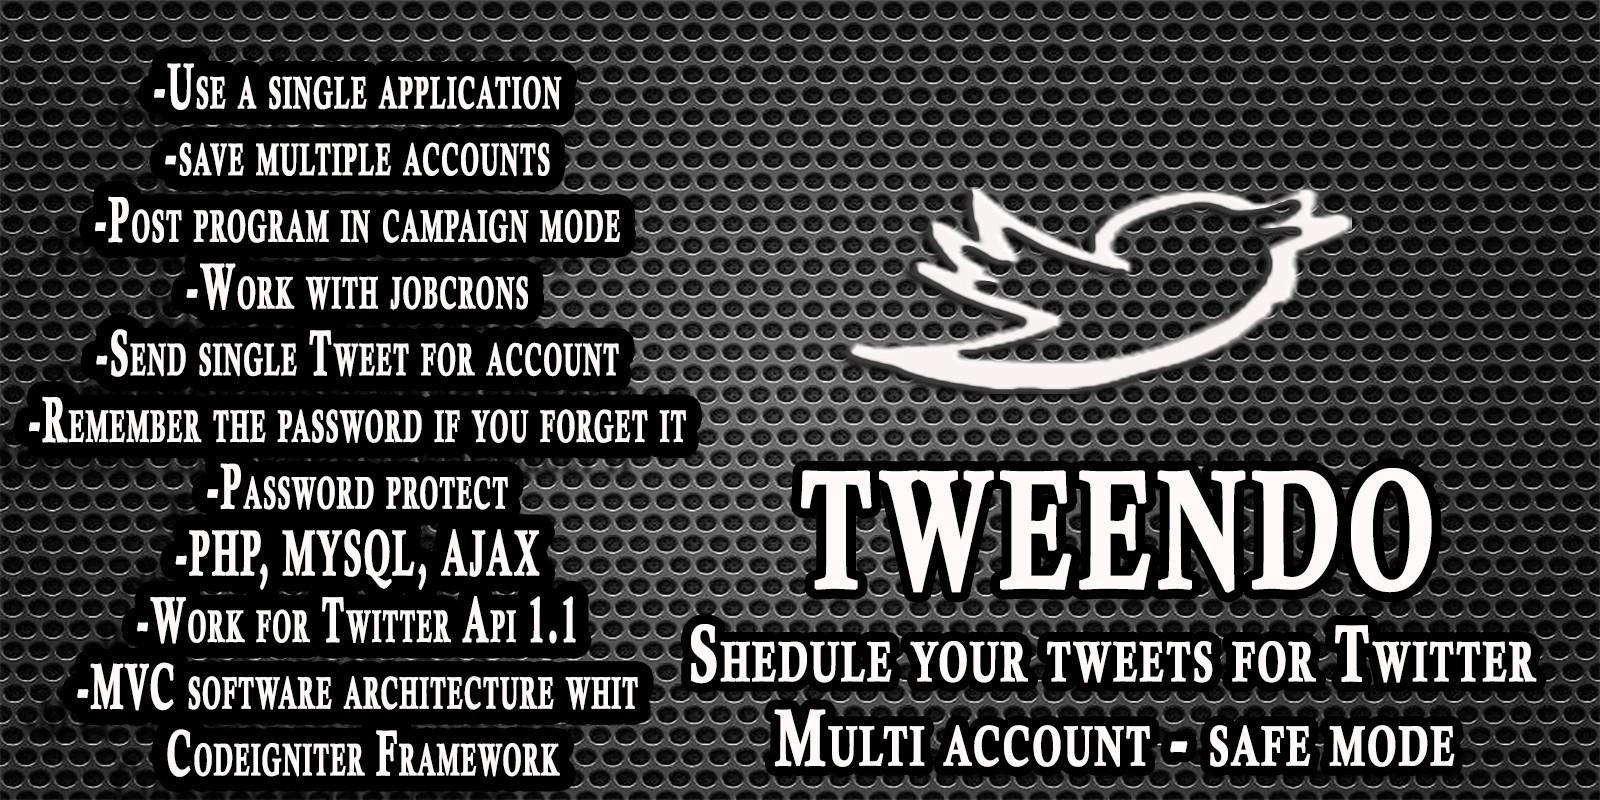 Tweendo - Schedule Tweets For Twitter PHP Script